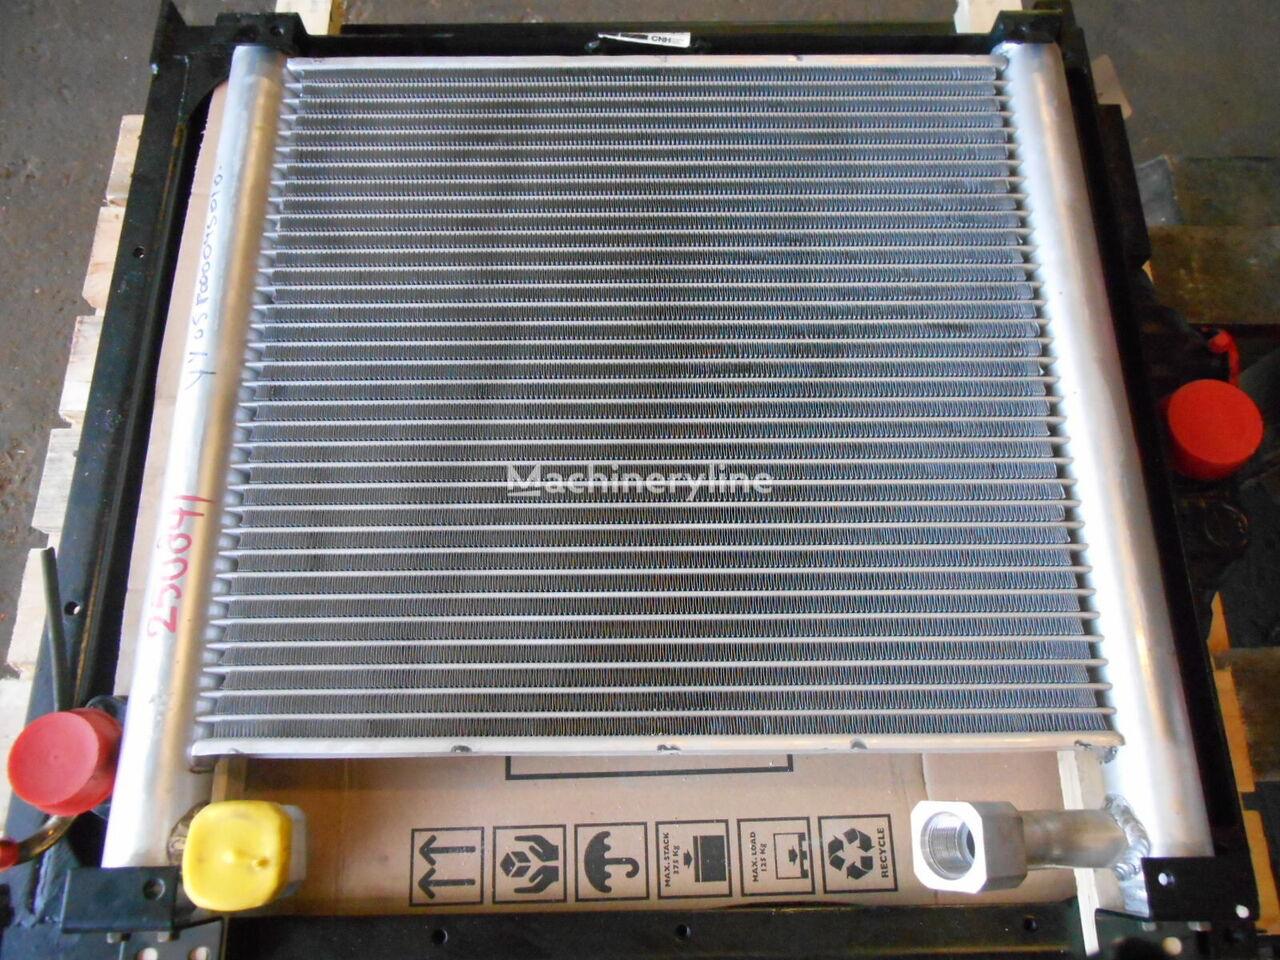 радиатор охлаждения двигателя NEW HOLLAND Kobelco YY05P00004S010 для экскаватора NEW HOLLAND Kobelco E135